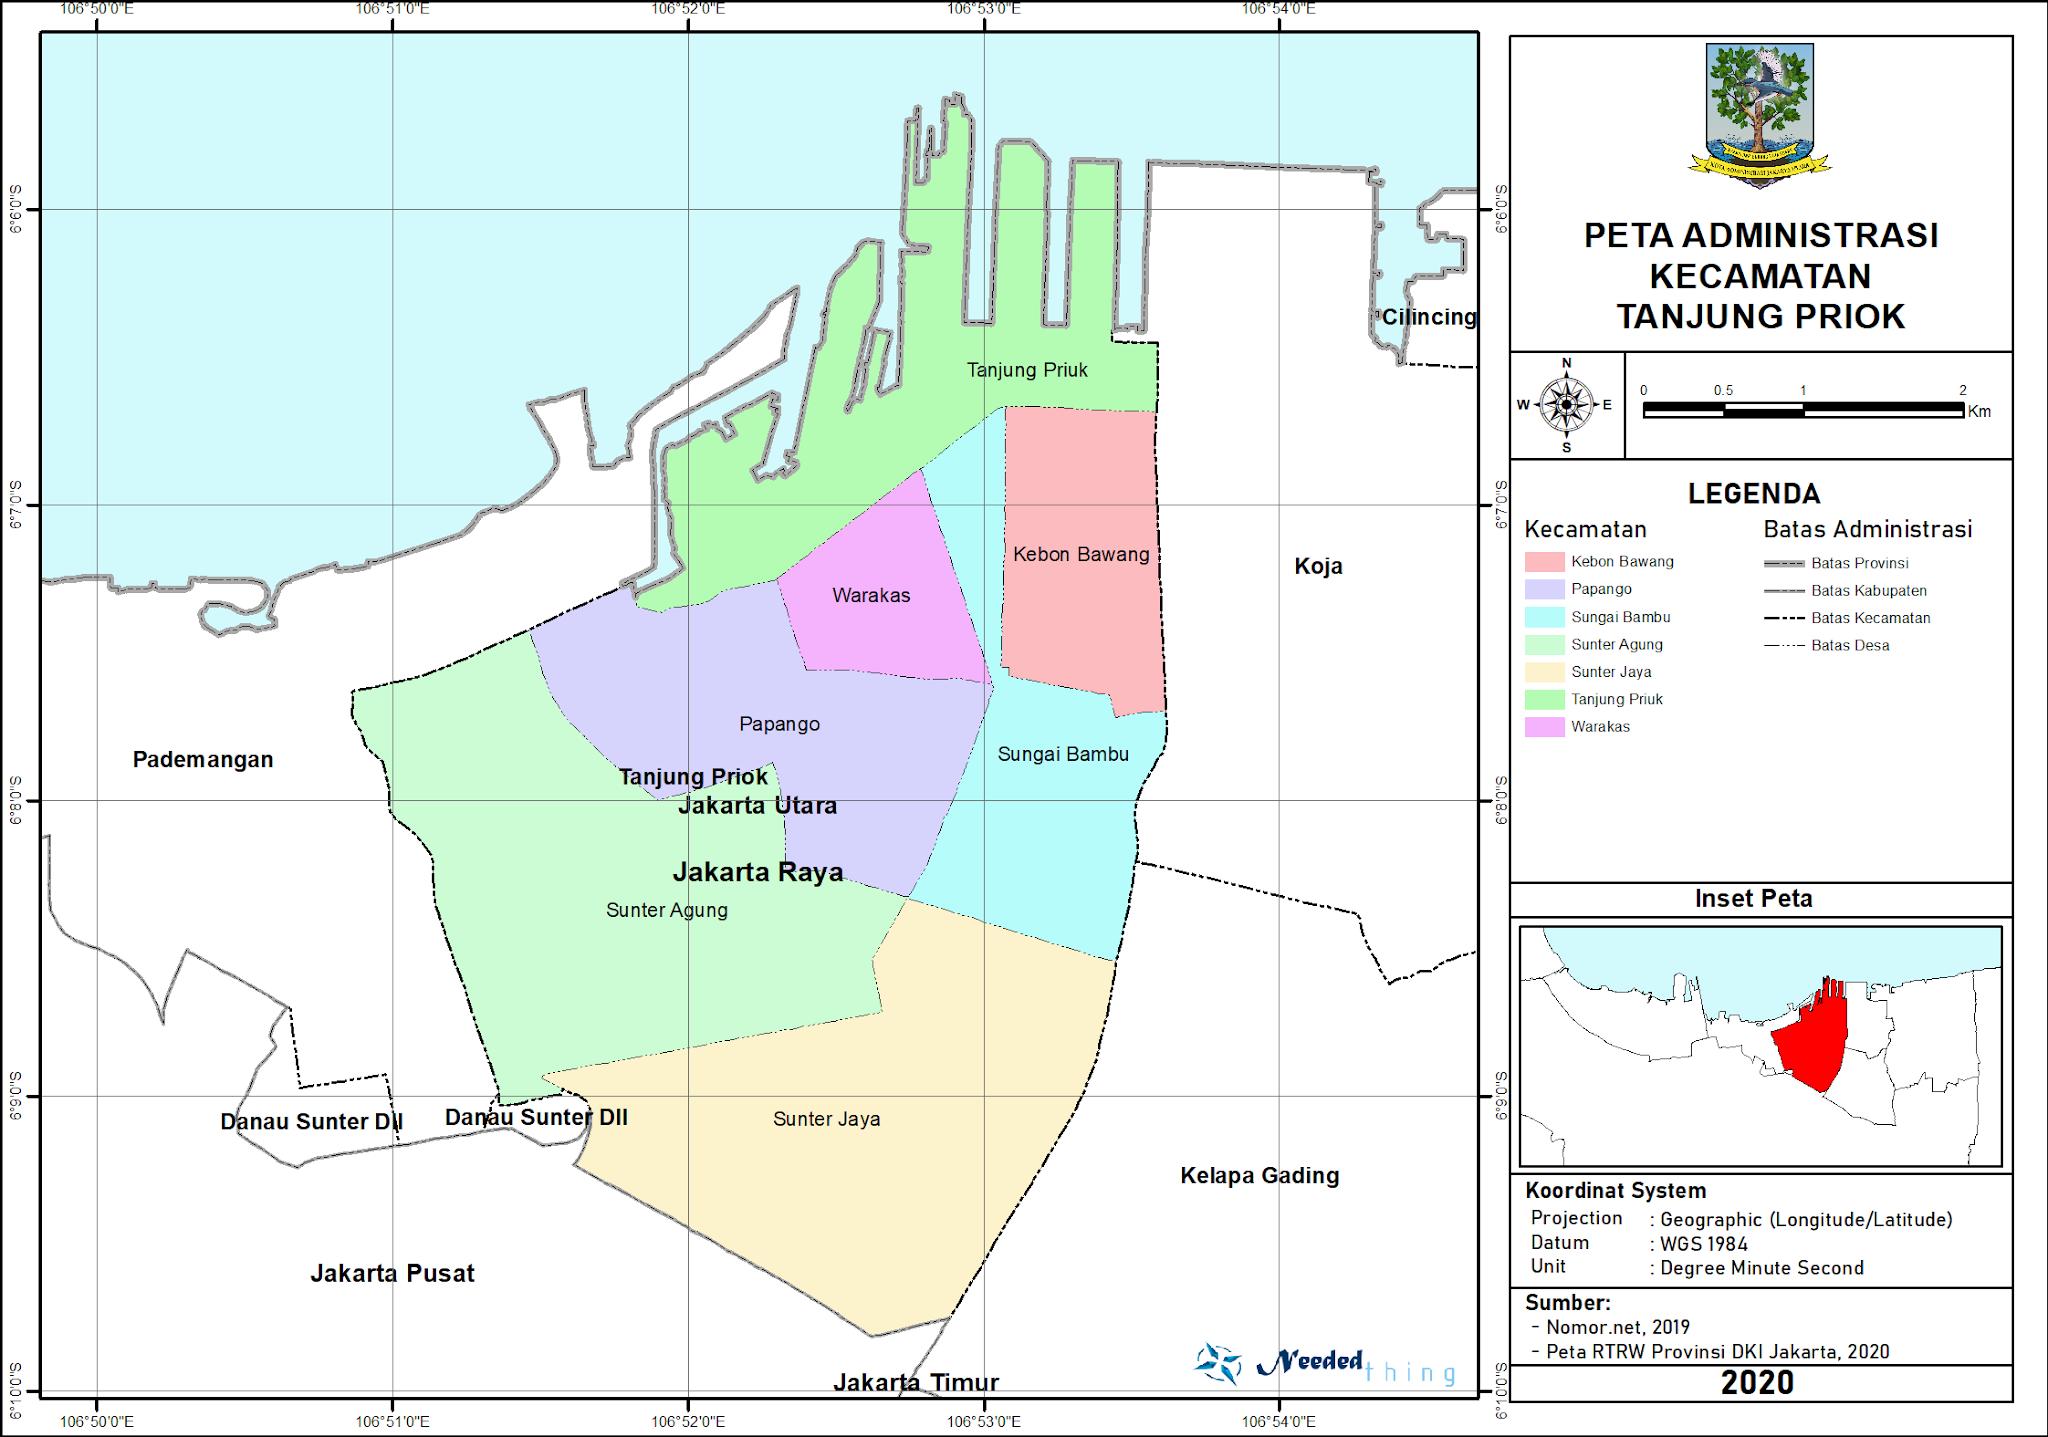 Peta Administrasi Kecamatan Tanjung Priok, Kota Jakarta ...